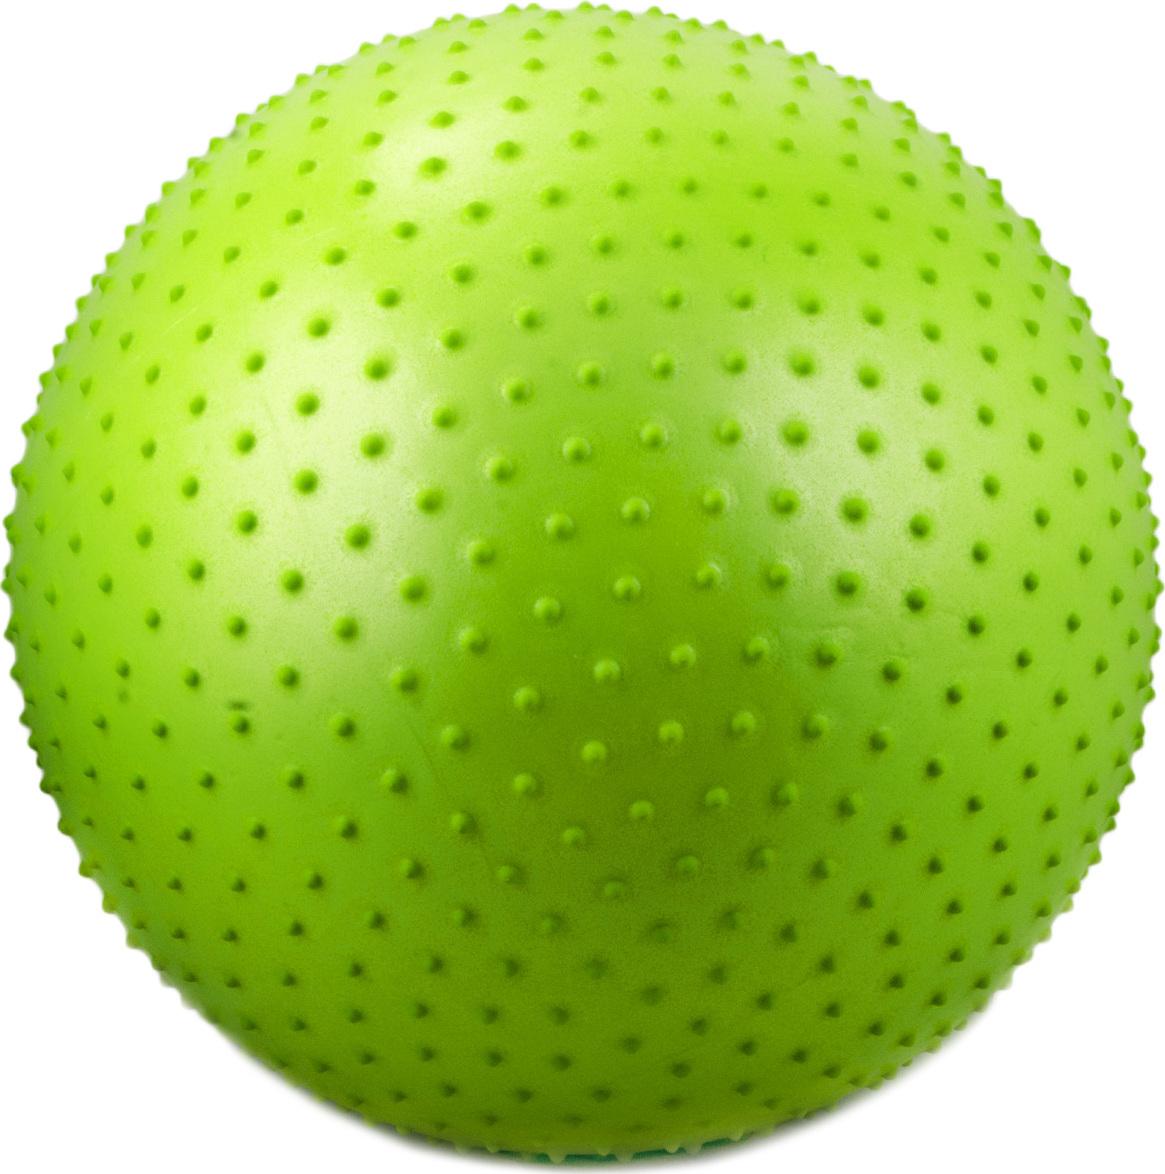 Мяч гимнастический массажный Starfit GB-301 (55 см, зеленый, антивзрыв) starfit мяч гимнастический массажный gb 301 65 см фиолетовый антивзрыв